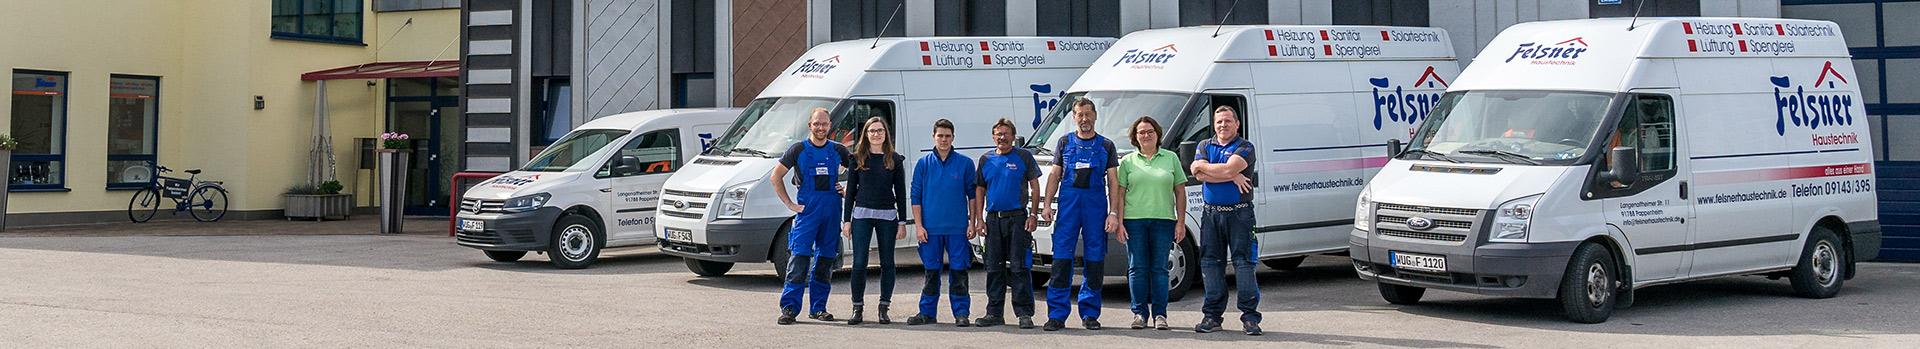 Felsner Team vor den Firmenwägen und dem Firmengebäude